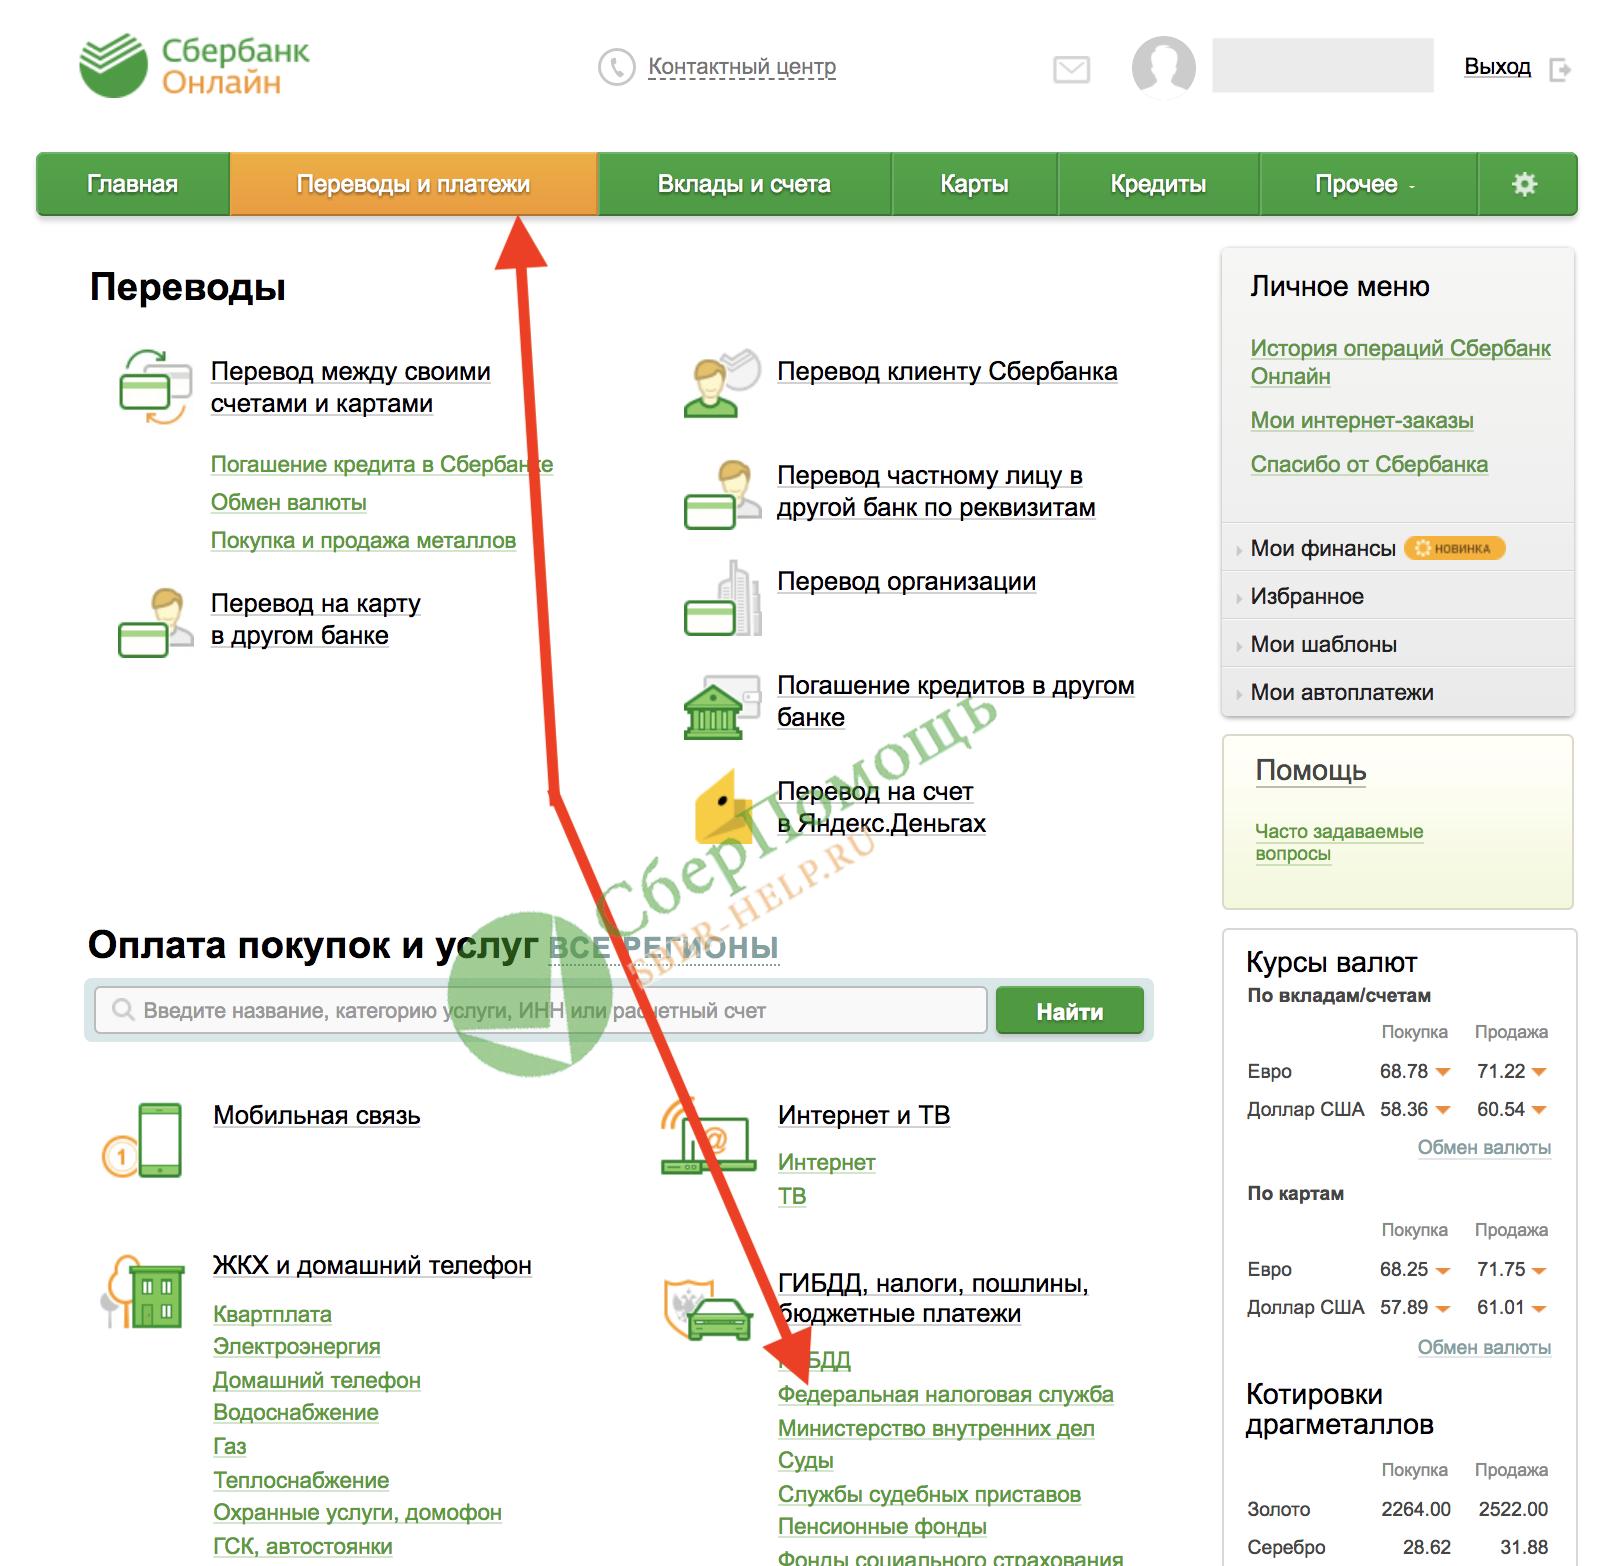 Неофициальный обзор онлайн-банков финансово-кредитных учреждений России – как пройти регистрацию, правила входа в личный кабинет, выполнение переводов